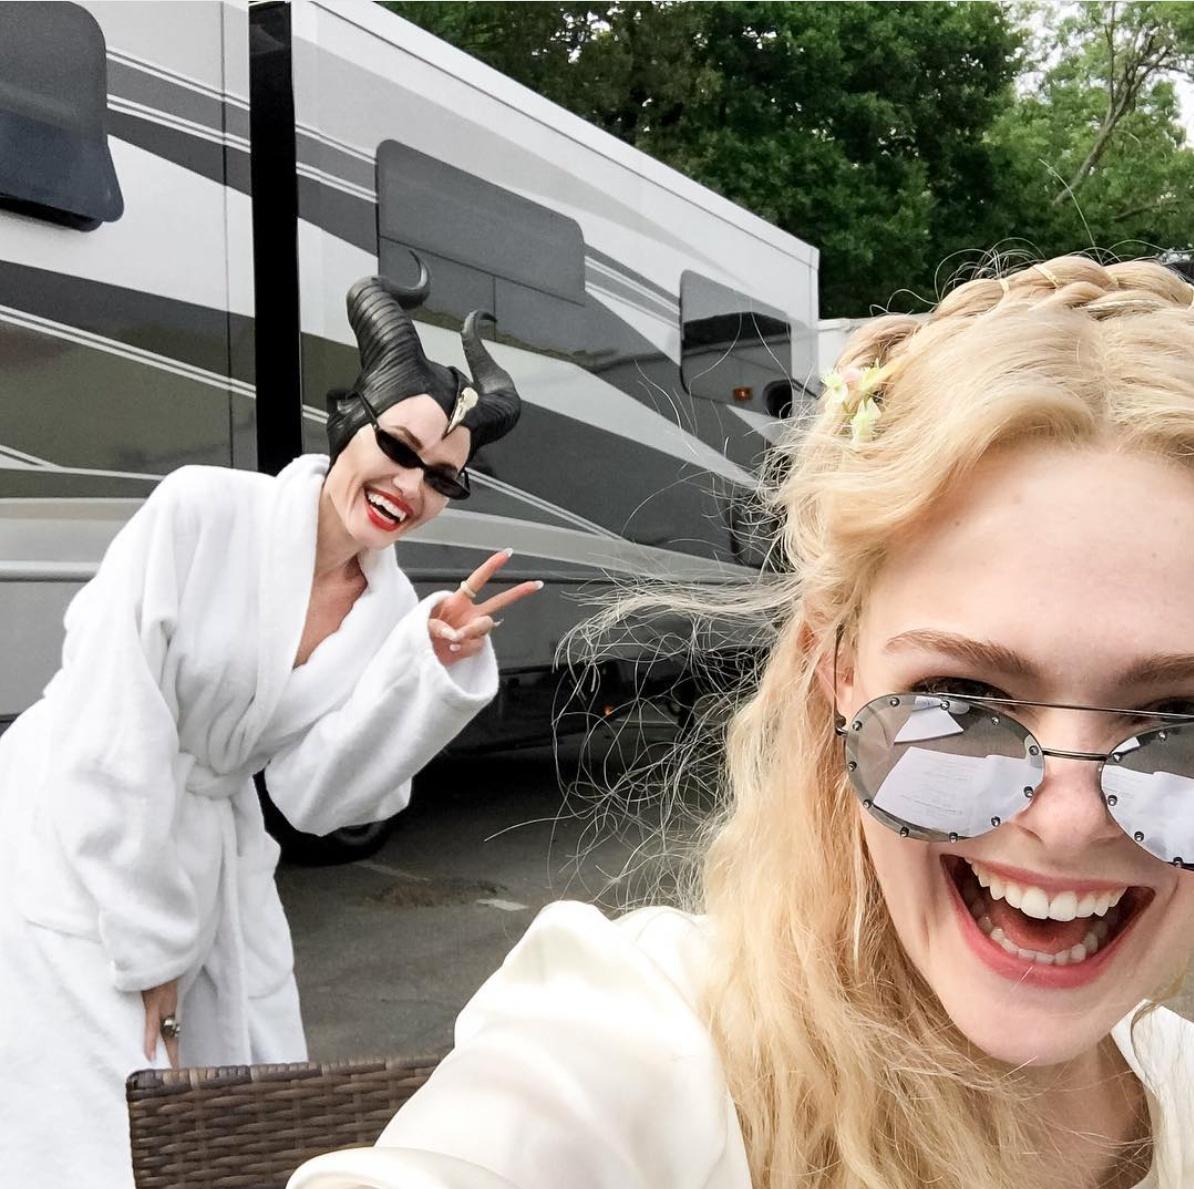 2018年5月にロンドンで『マレフィセント2』の撮影がスタートし、オーロラ姫役のエル・ファニング(20)にフォトボム! ブラッドとの親権争いでは、ブラッドと子どもたちの面会を制限していることが発覚。判事からもっと父親に会わせるよう命じられる。